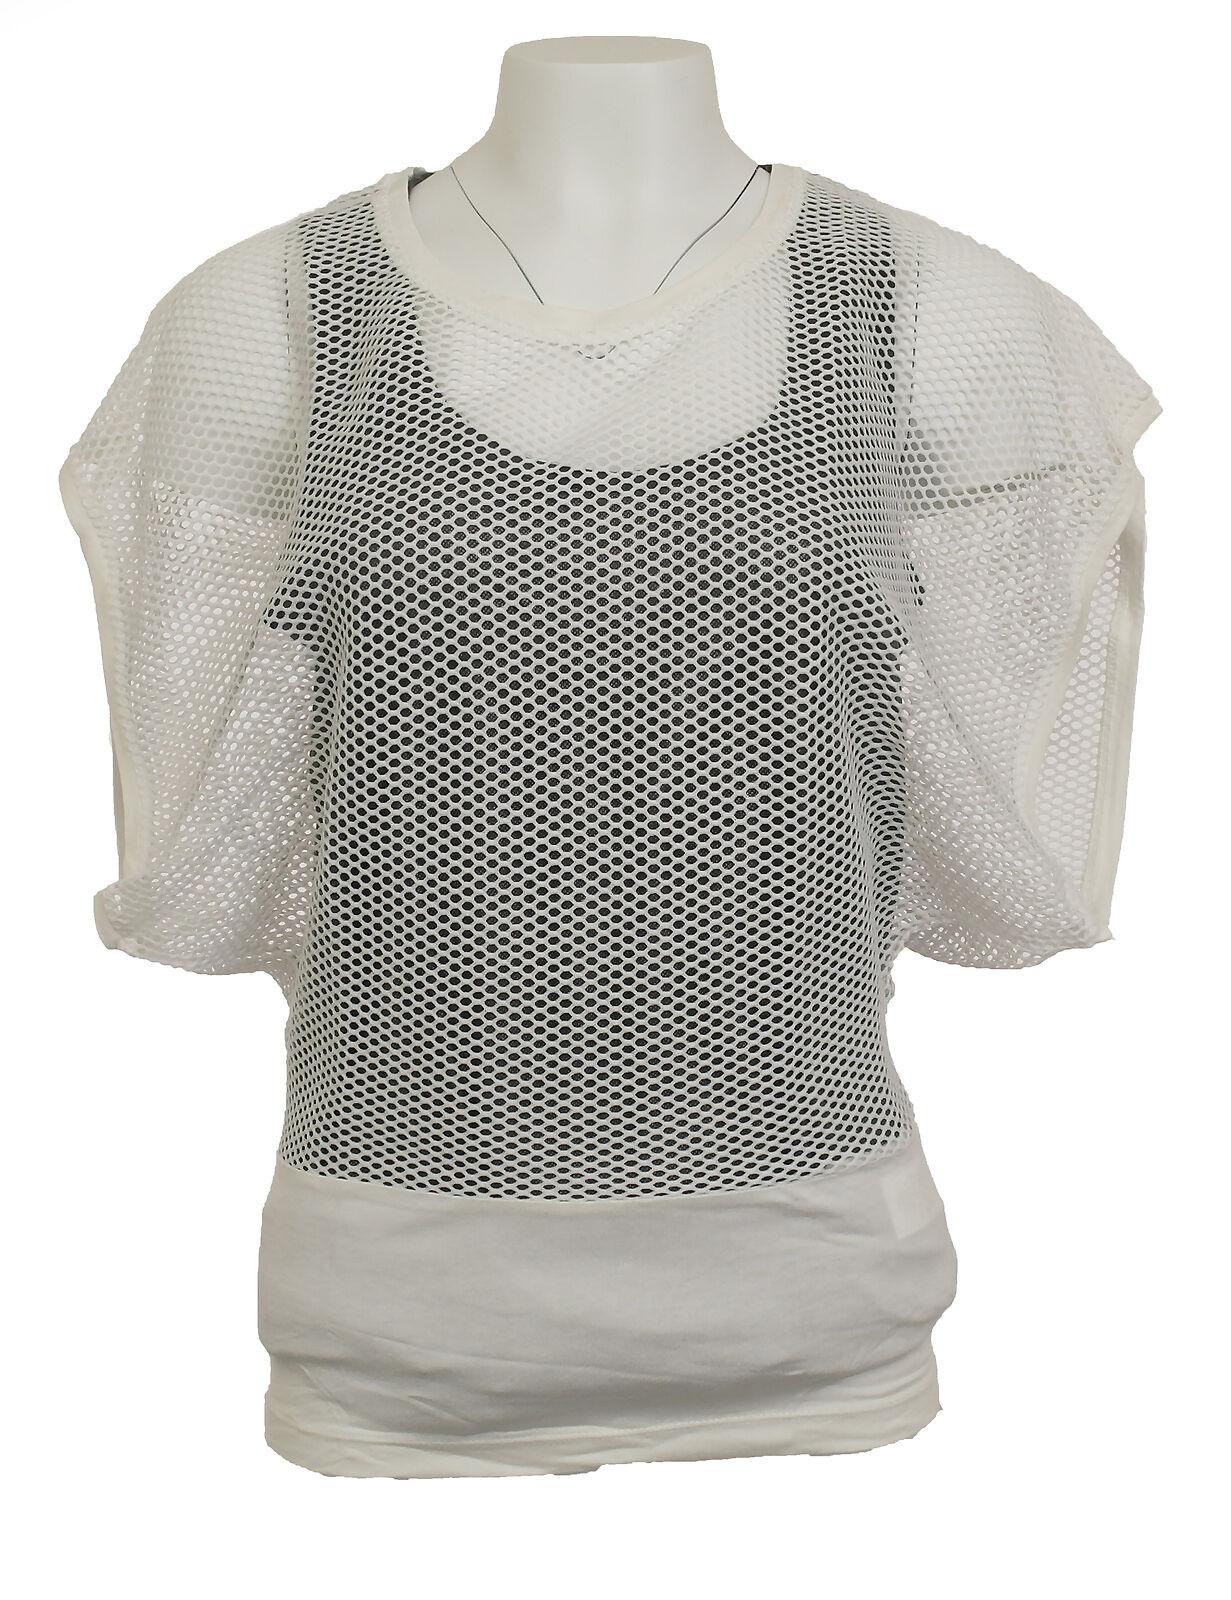 best website b6706 10960 Mandarin Damen Netzshirt Shirt Netz Häkel Lochmuster Top Tunika ecru 033681